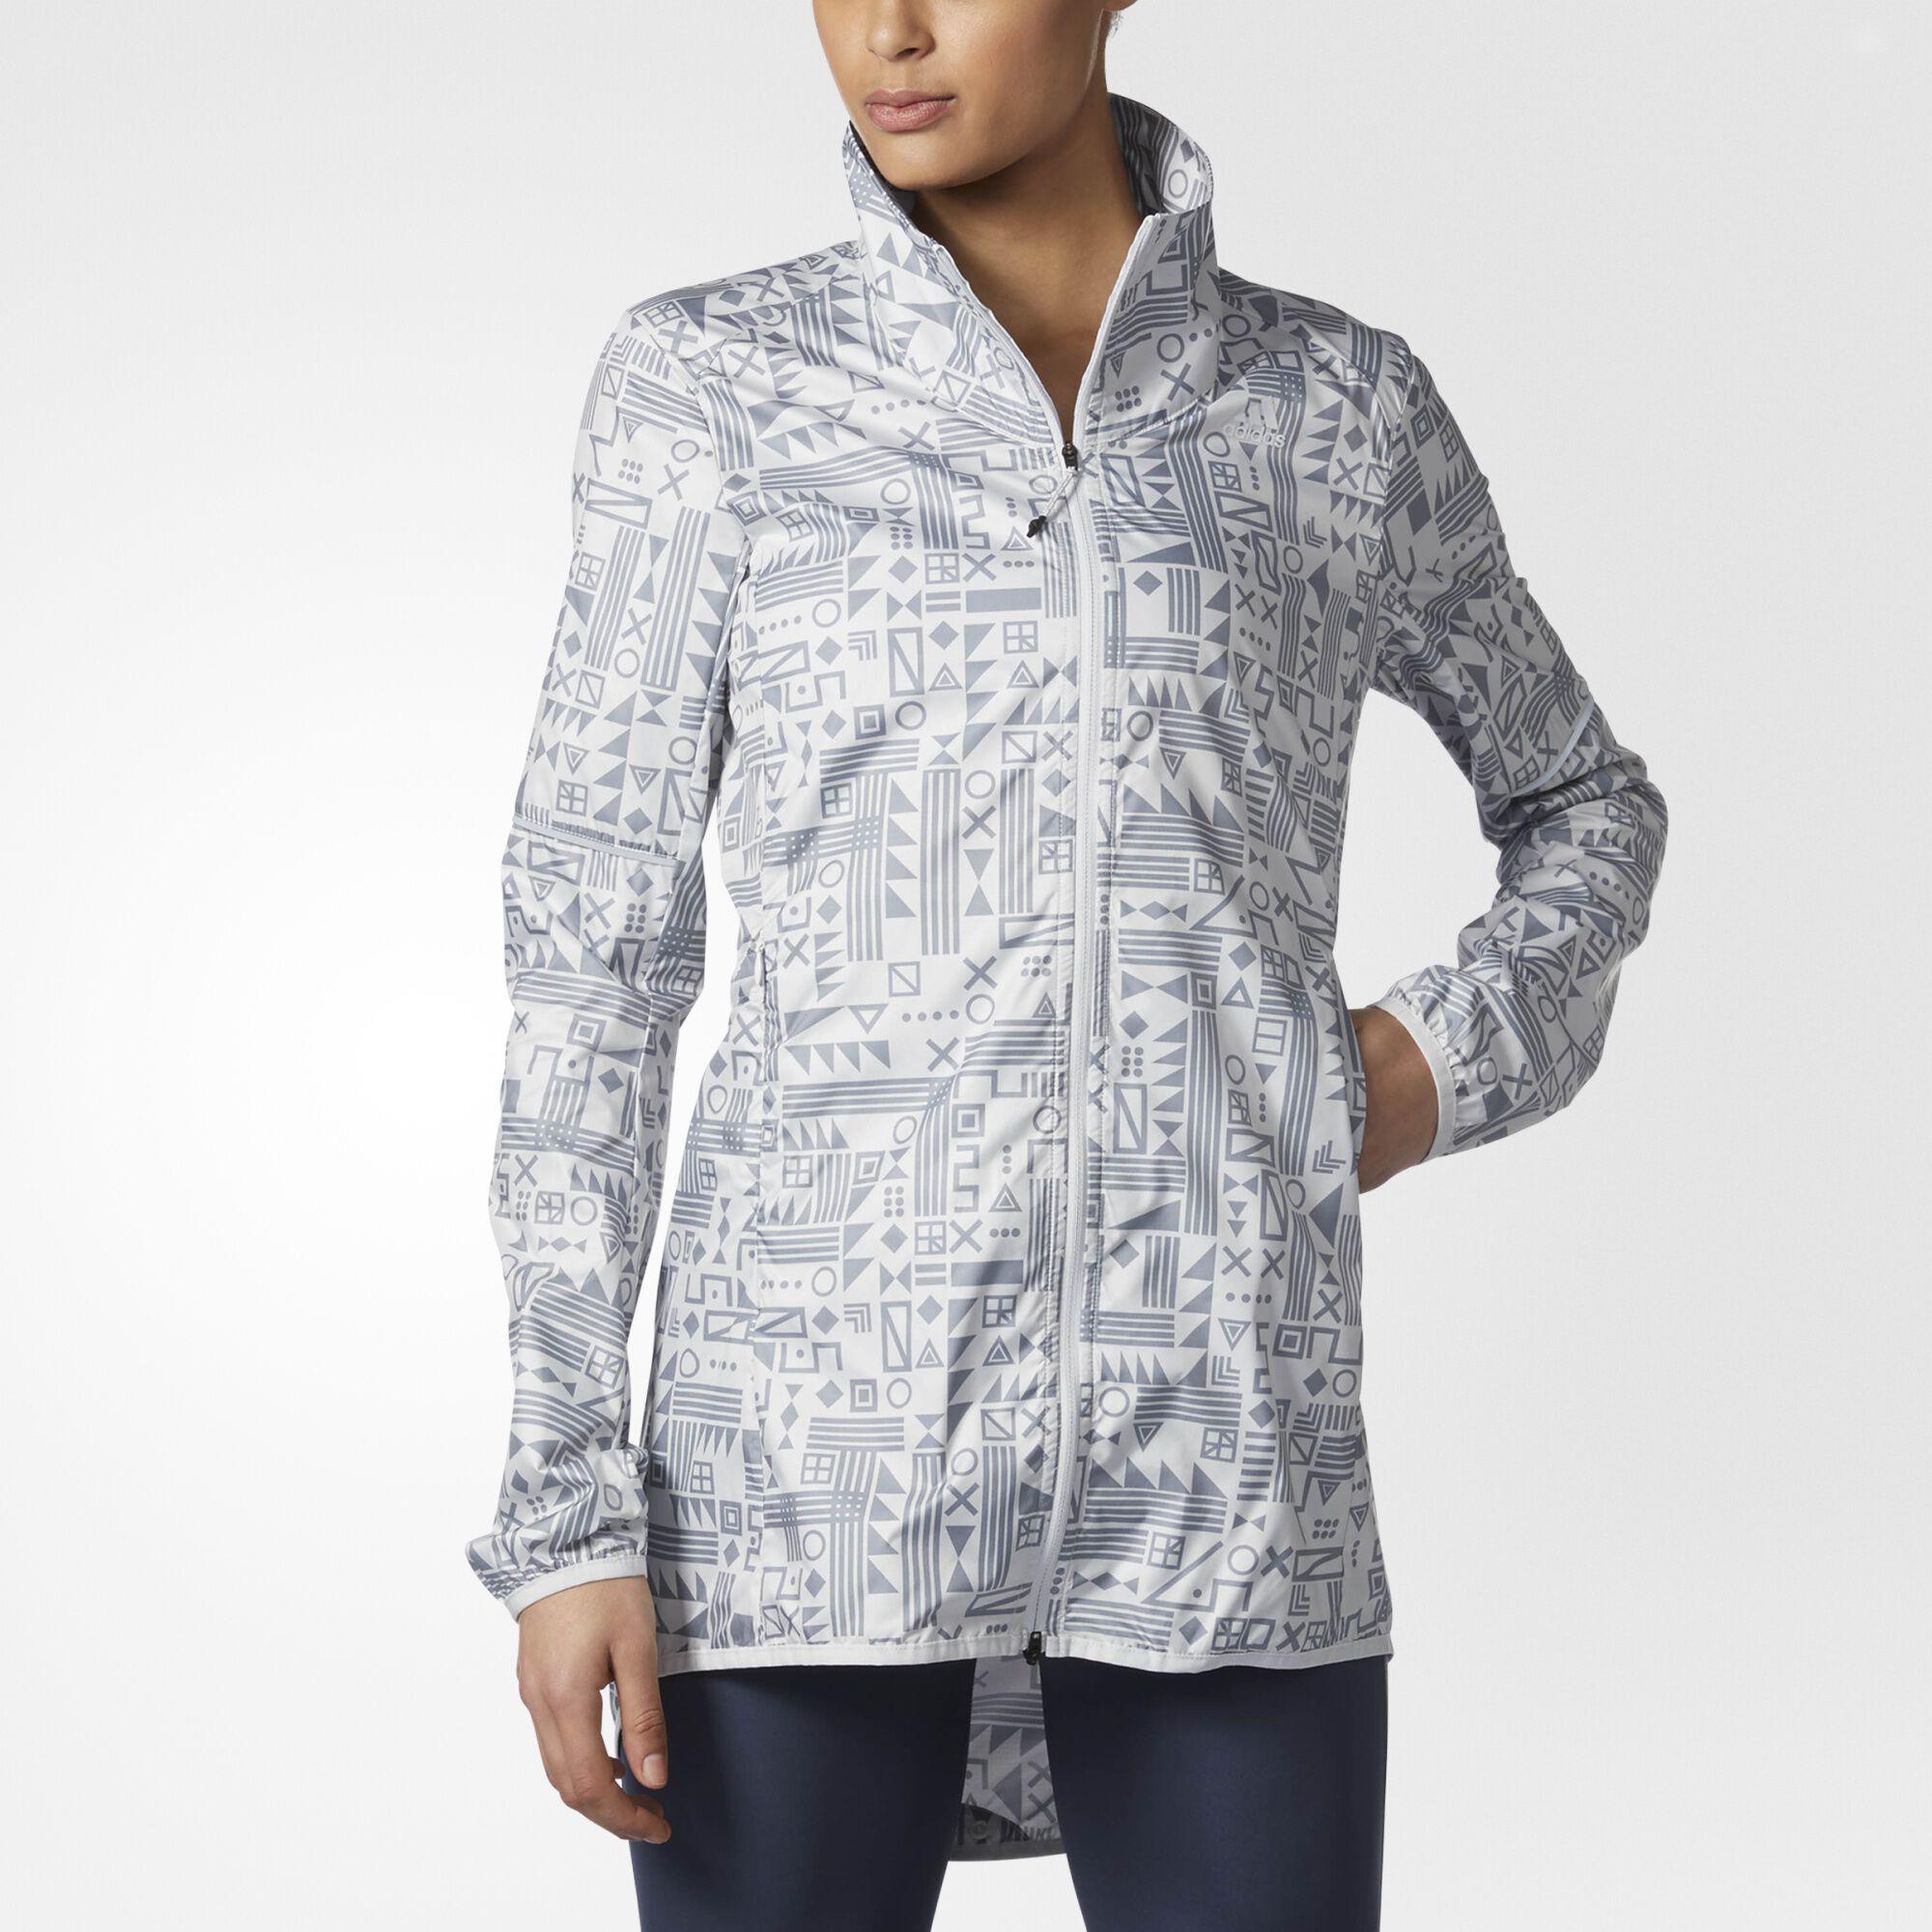 7618a8bd3134 Buy adidas originals floral jacket   OFF67% Discounted